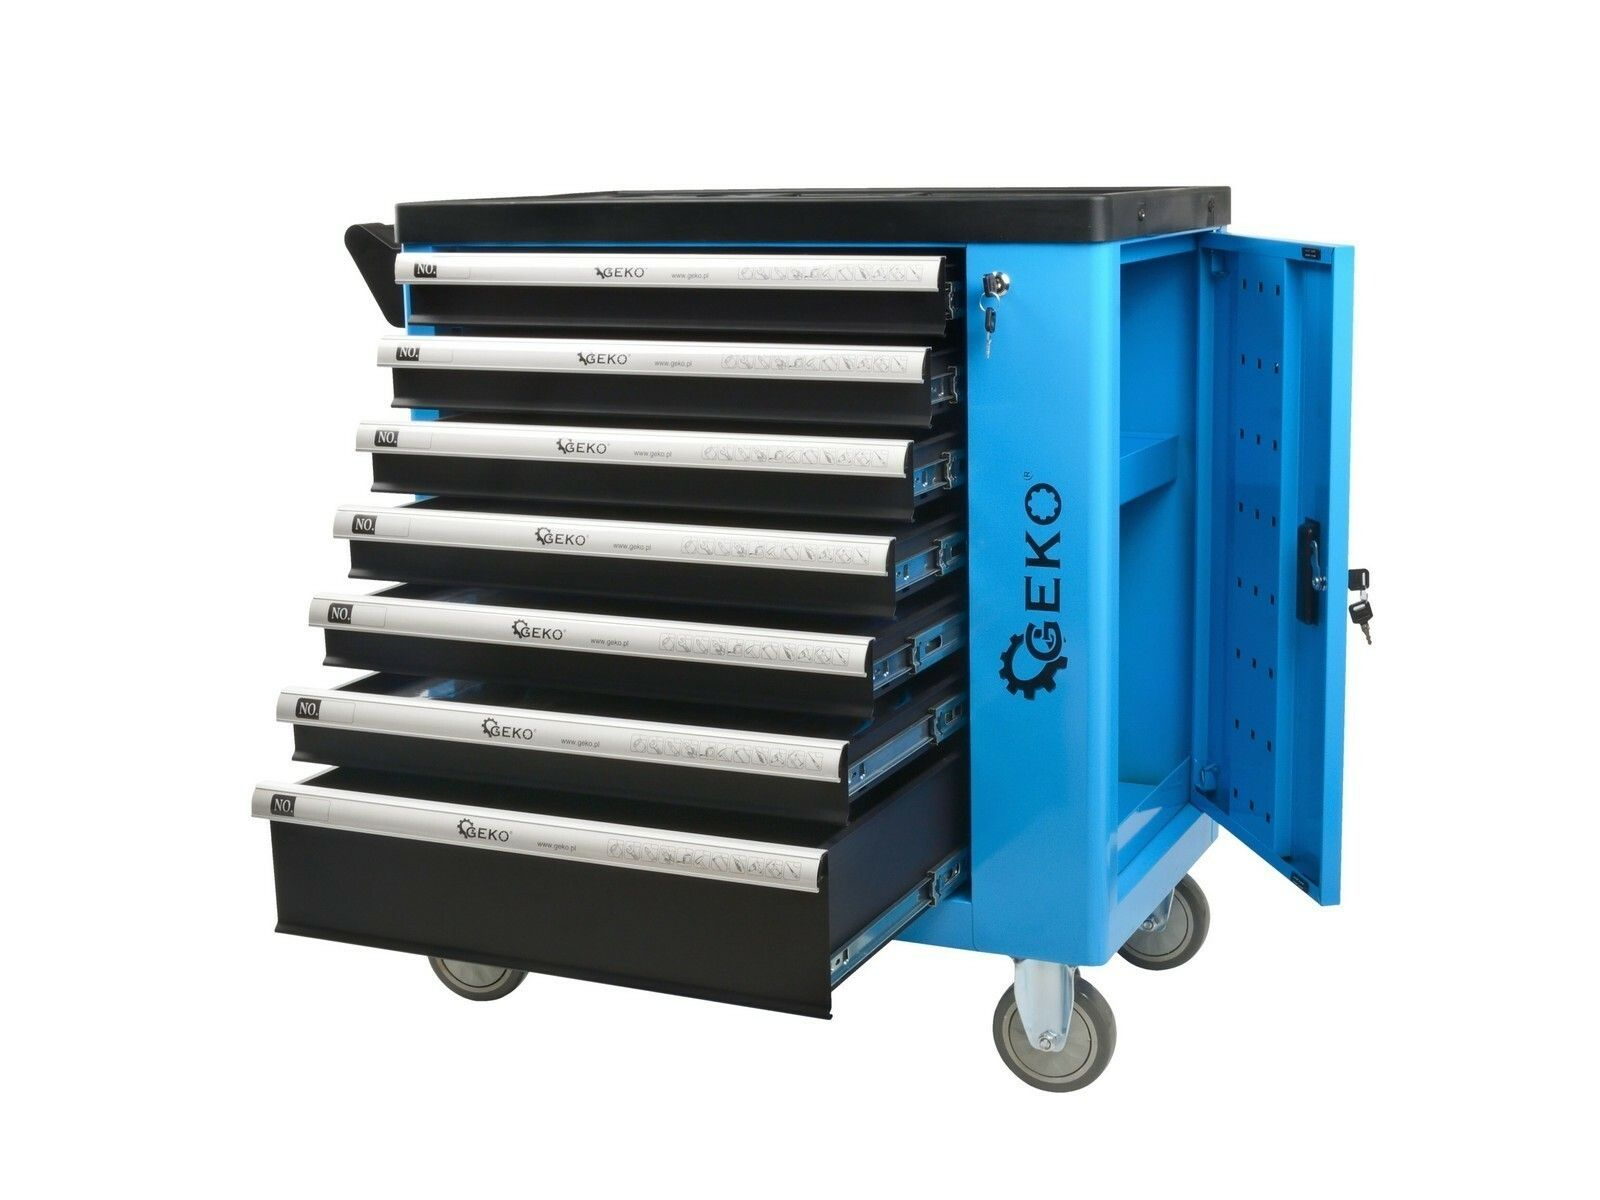 Dílenská skříňka/vozík s výbavou 243ks 7 zásuvek